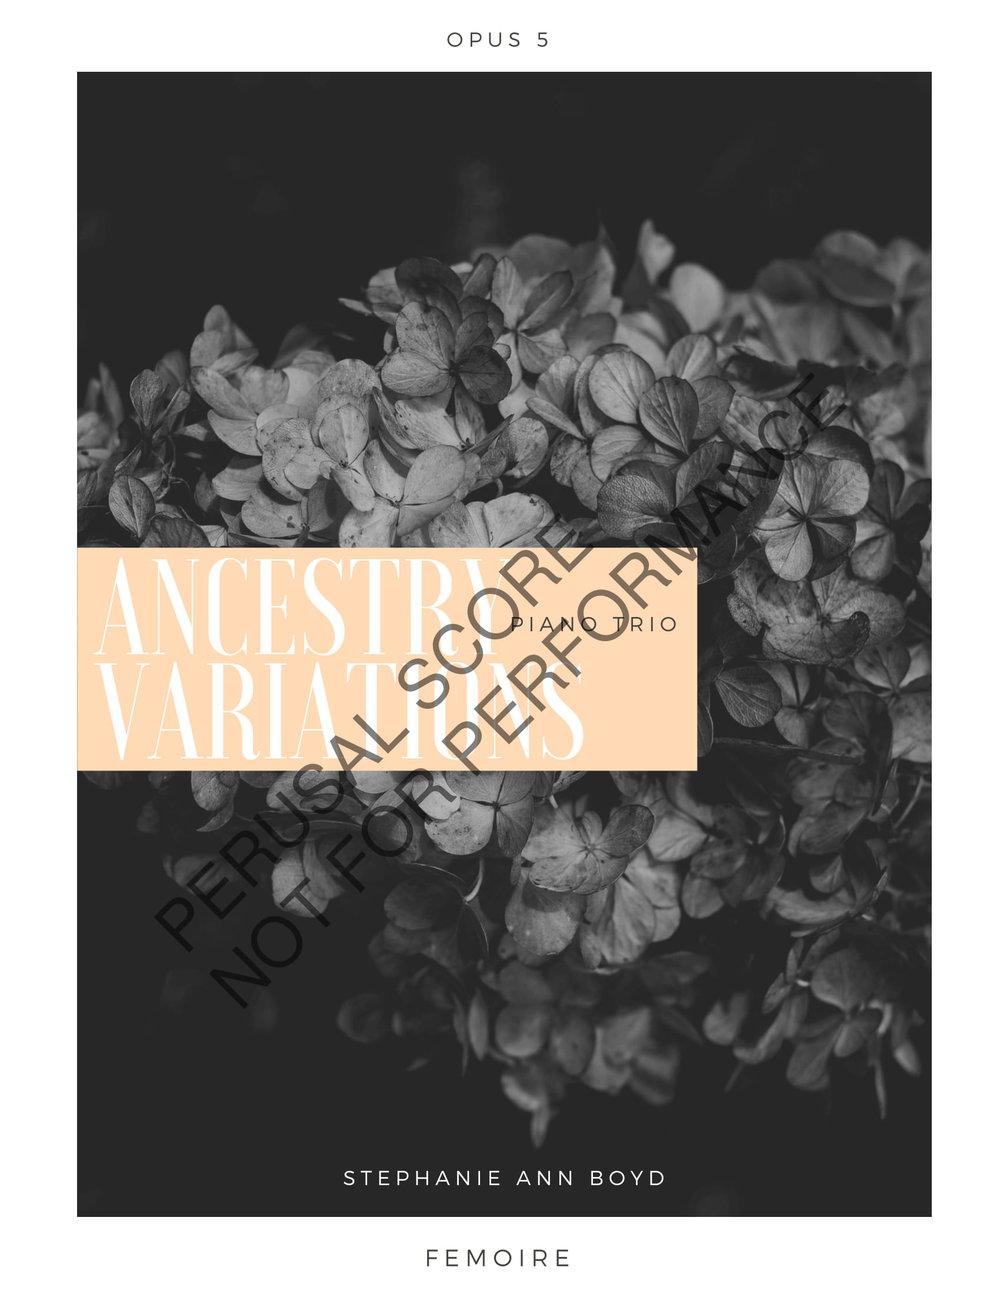 Boyd Ancestry Variations Score-watermark-01.jpg